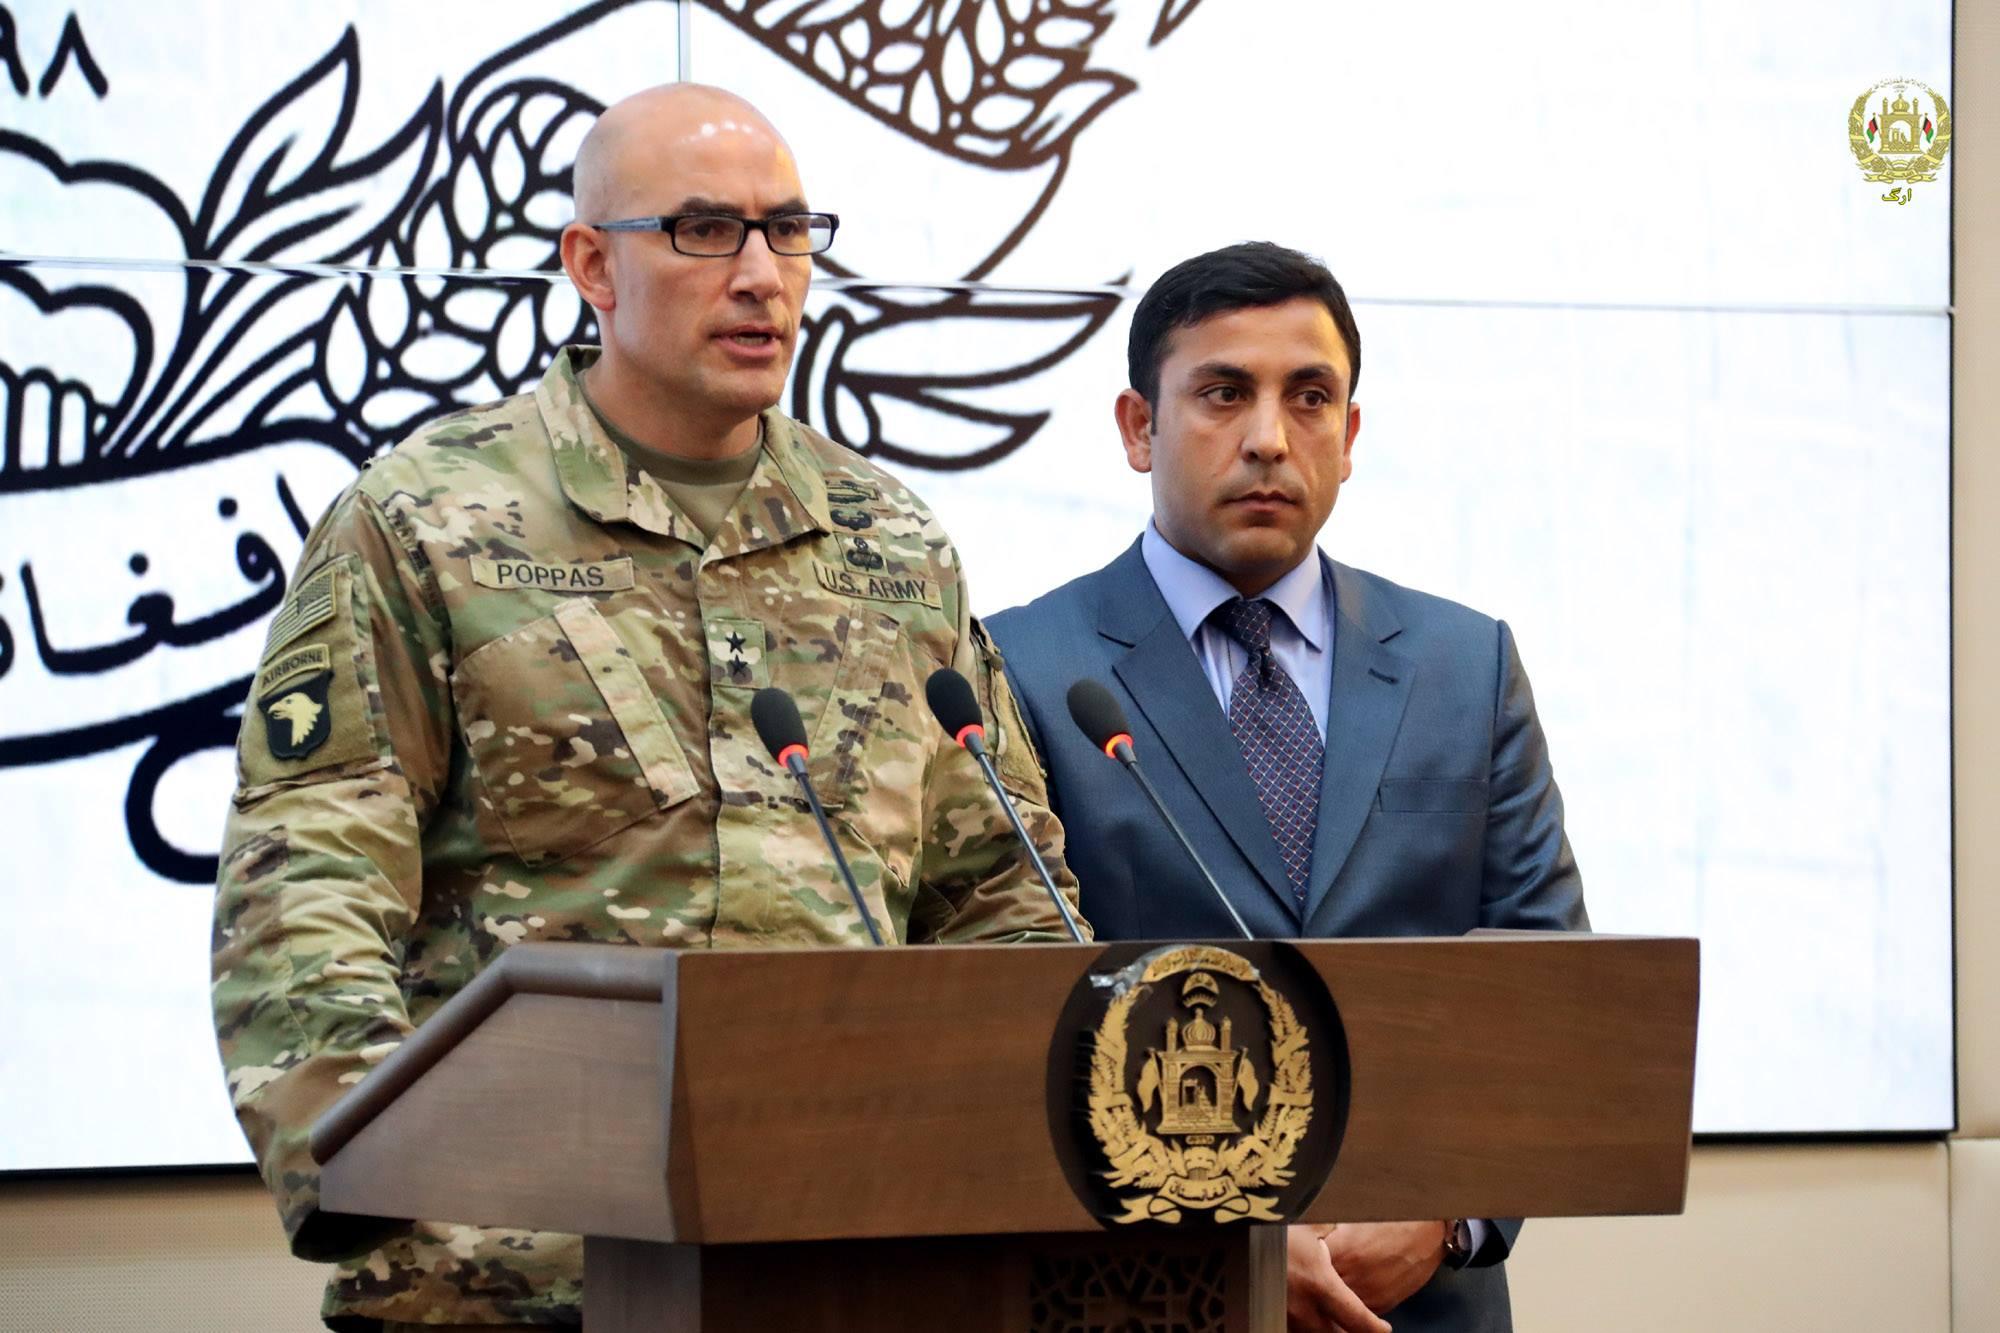 جنرال اندریو پوپاس، یک مقام ارشد نظامی مأموریت حمایت قاطع ناتو